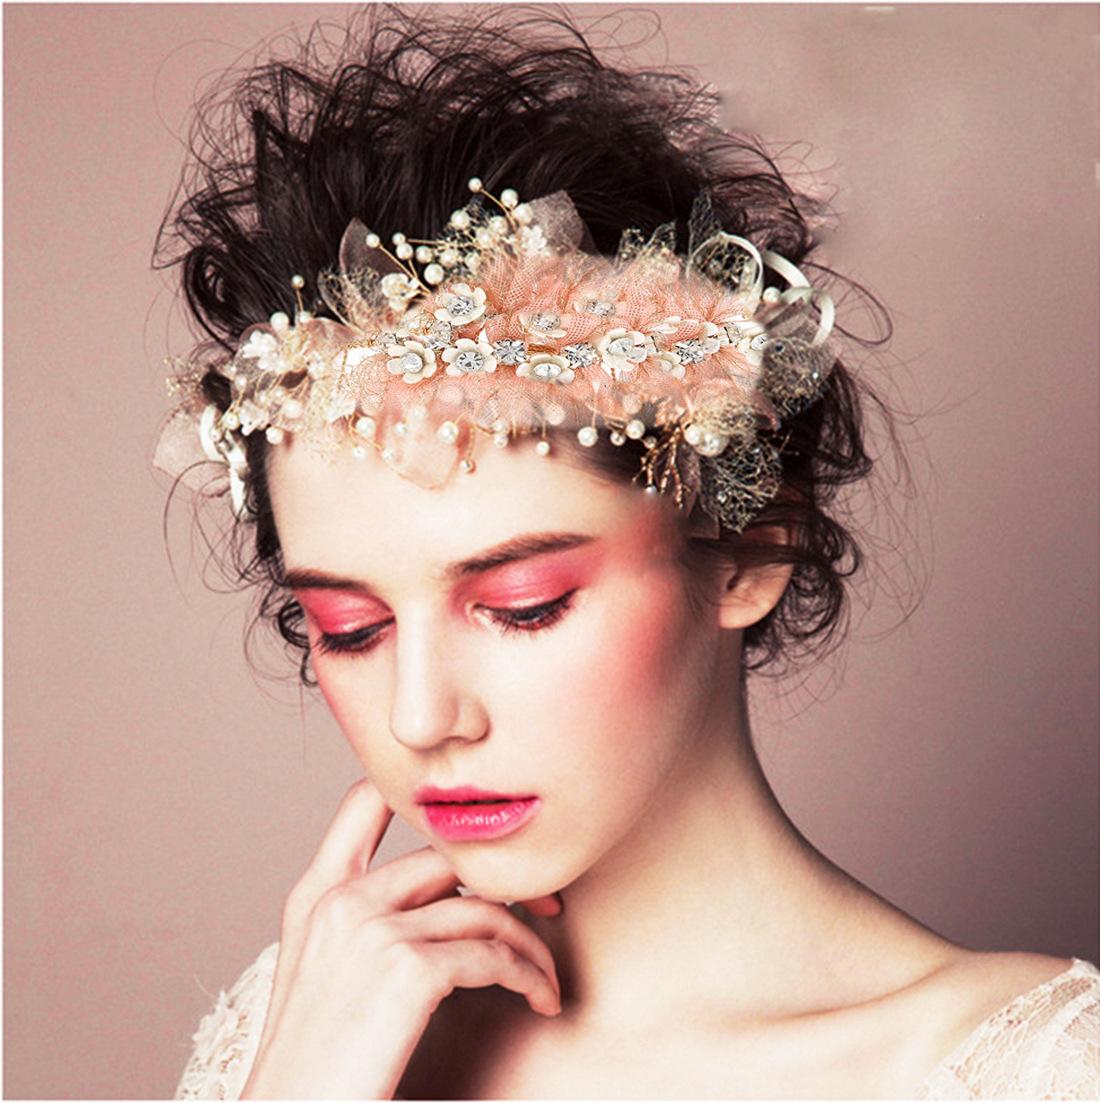 欧美新款女士时尚珍珠水钻金属真丝花头新娘伴娘婚礼饰品